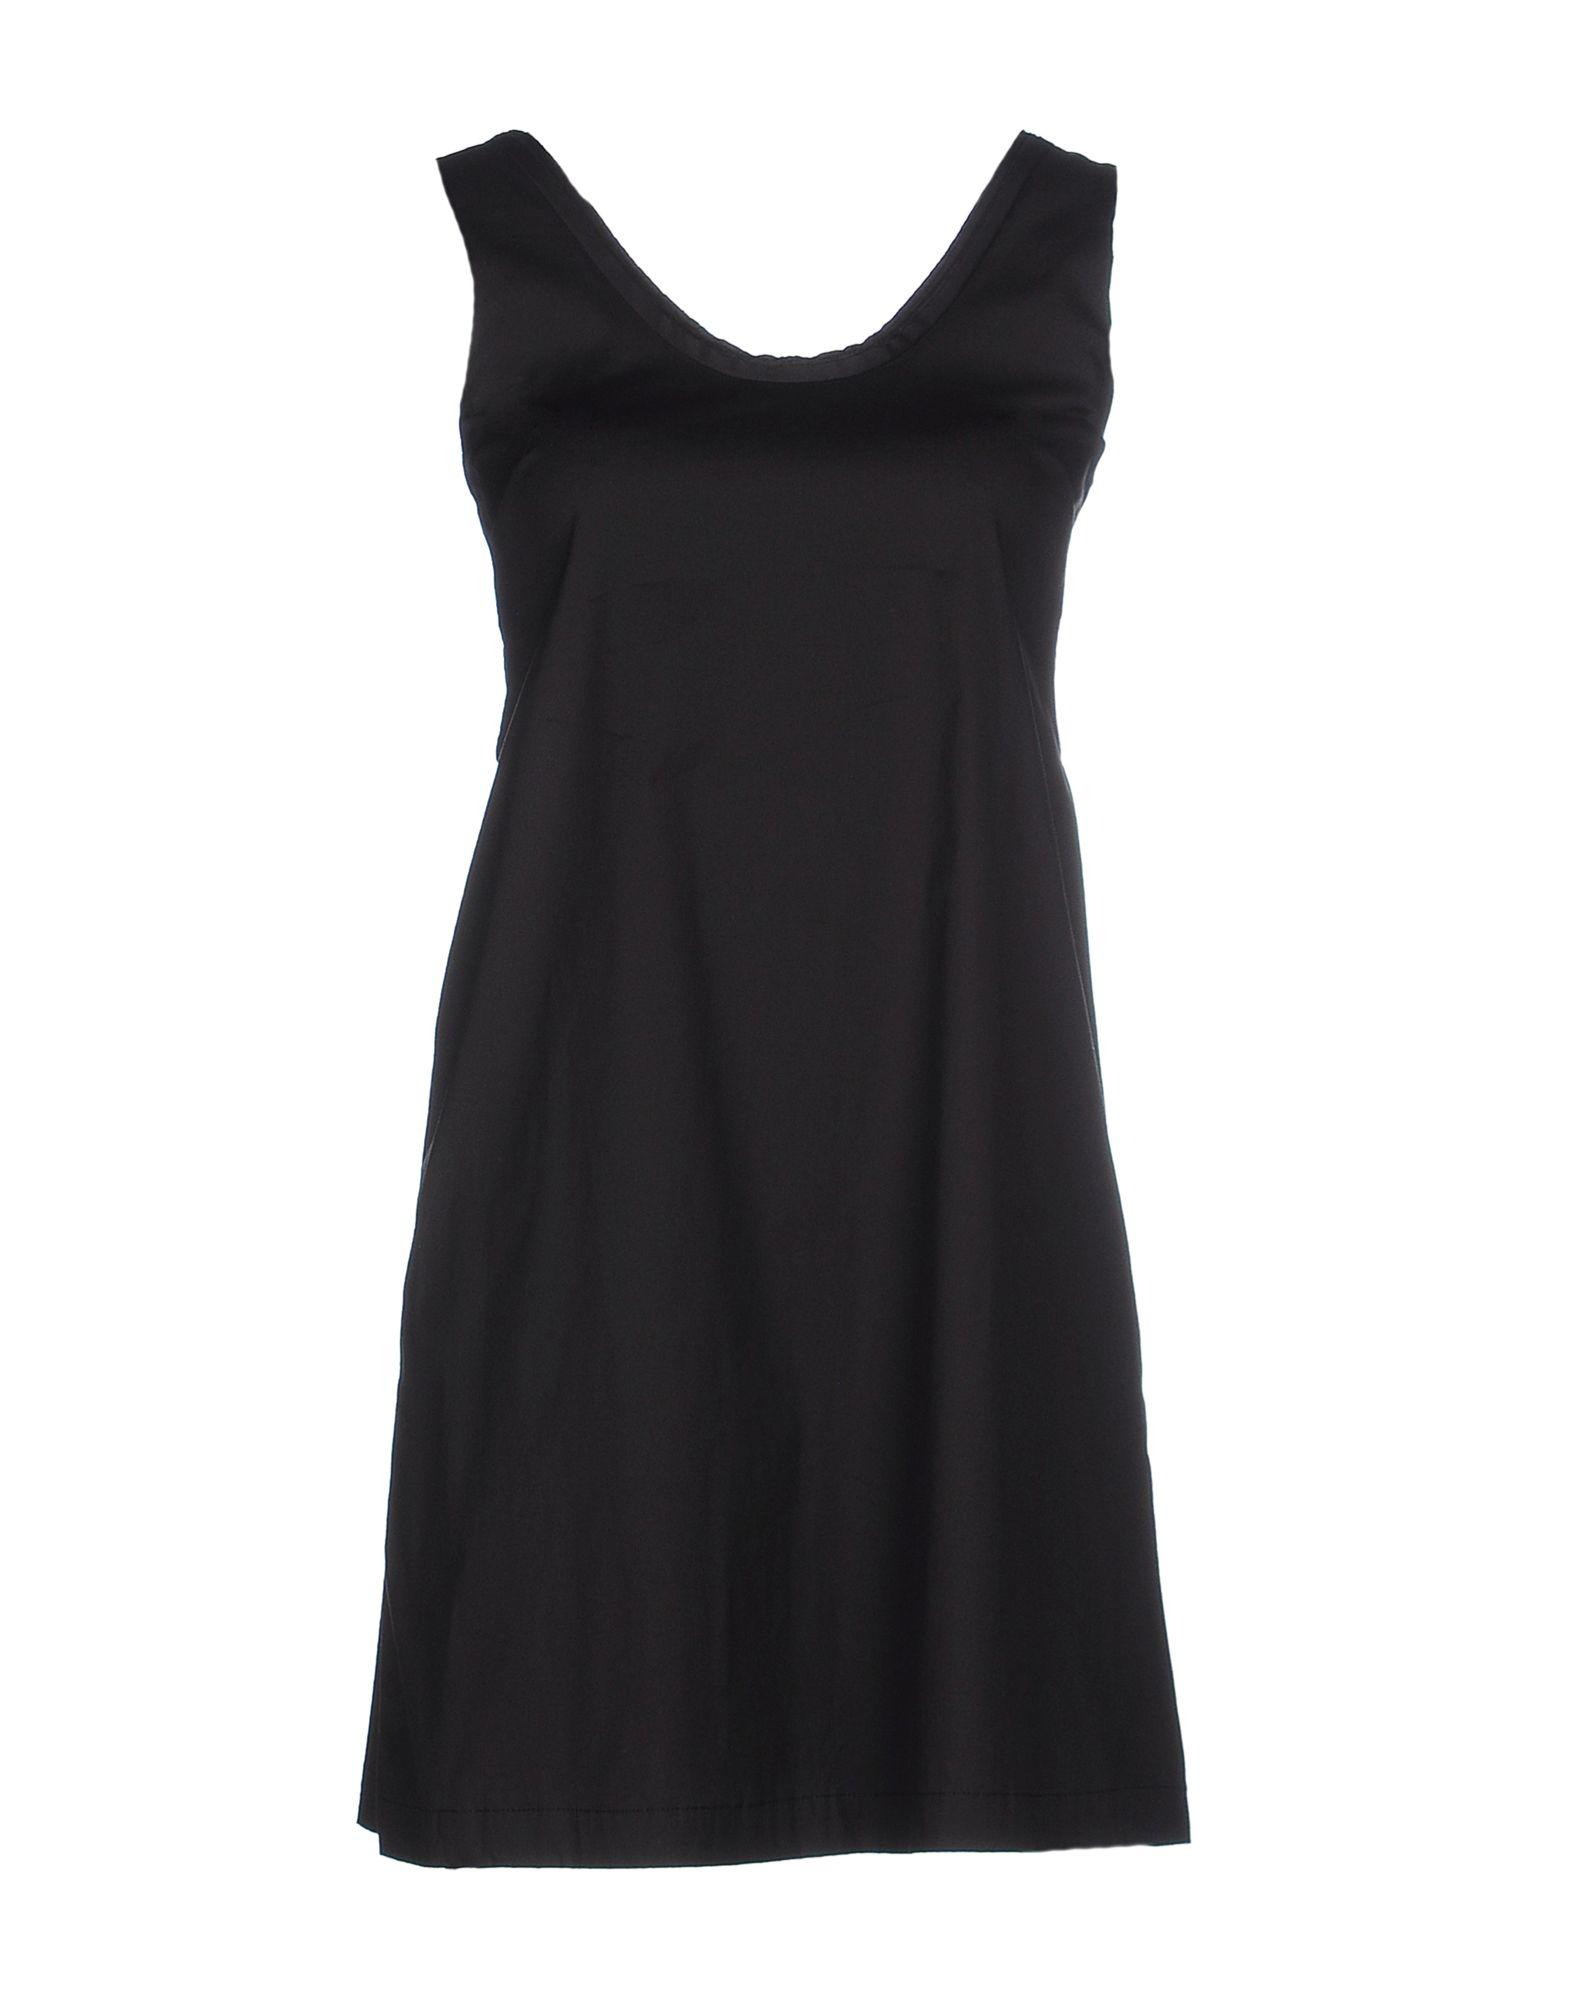 AMBRA ANGIOLINI x ANIYE BY Damen Kurzes Kleid Farbe Schwarz Größe 4